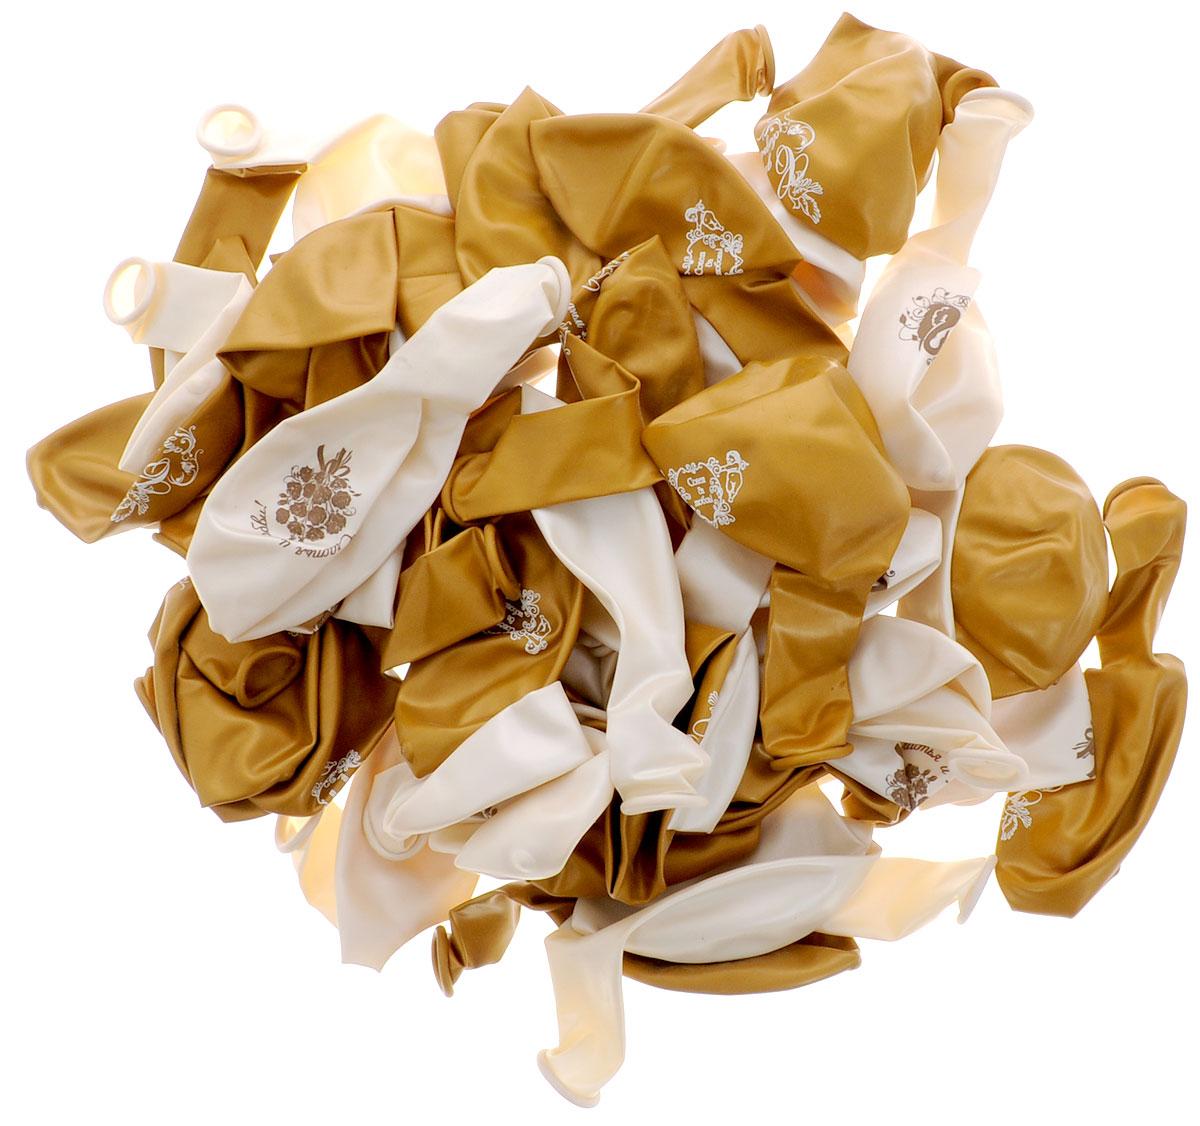 """Набор воздушных шаров Action! """"С днем свадьбы!"""" поможет вам весело и необычно украсить помещение к свадебному празднику. Изготовлены шарики из натурального латекса. Набор включает в себя 50 шариков белого и золотистого цветов с поздравлениями для такого торжественного дня, как свадьба. Положительные эмоции и праздничное настроение будут на высоте!"""